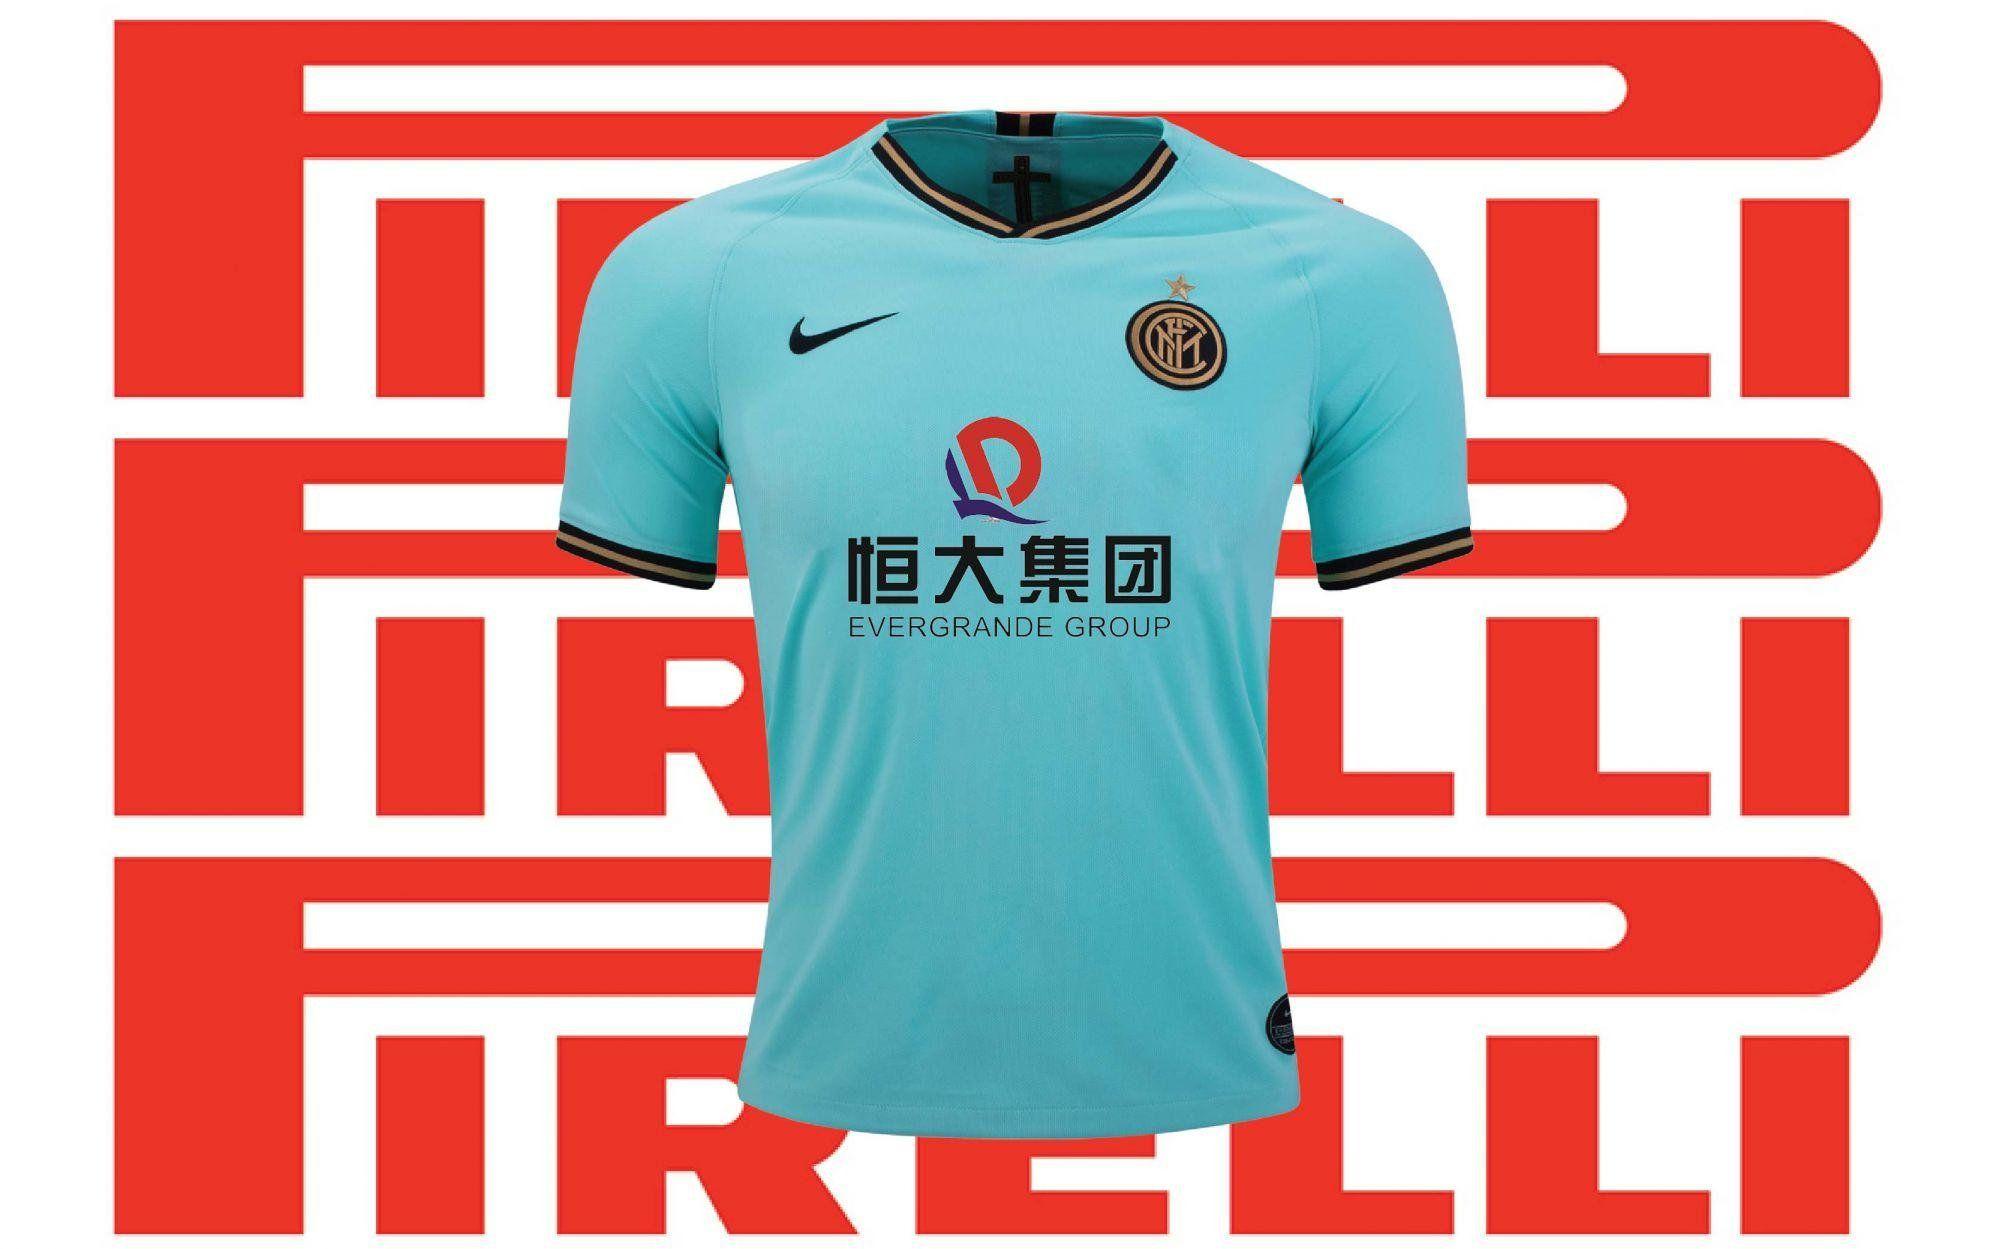 Логотип Pirelli может исчезнуть с футболок игроков «Интера»